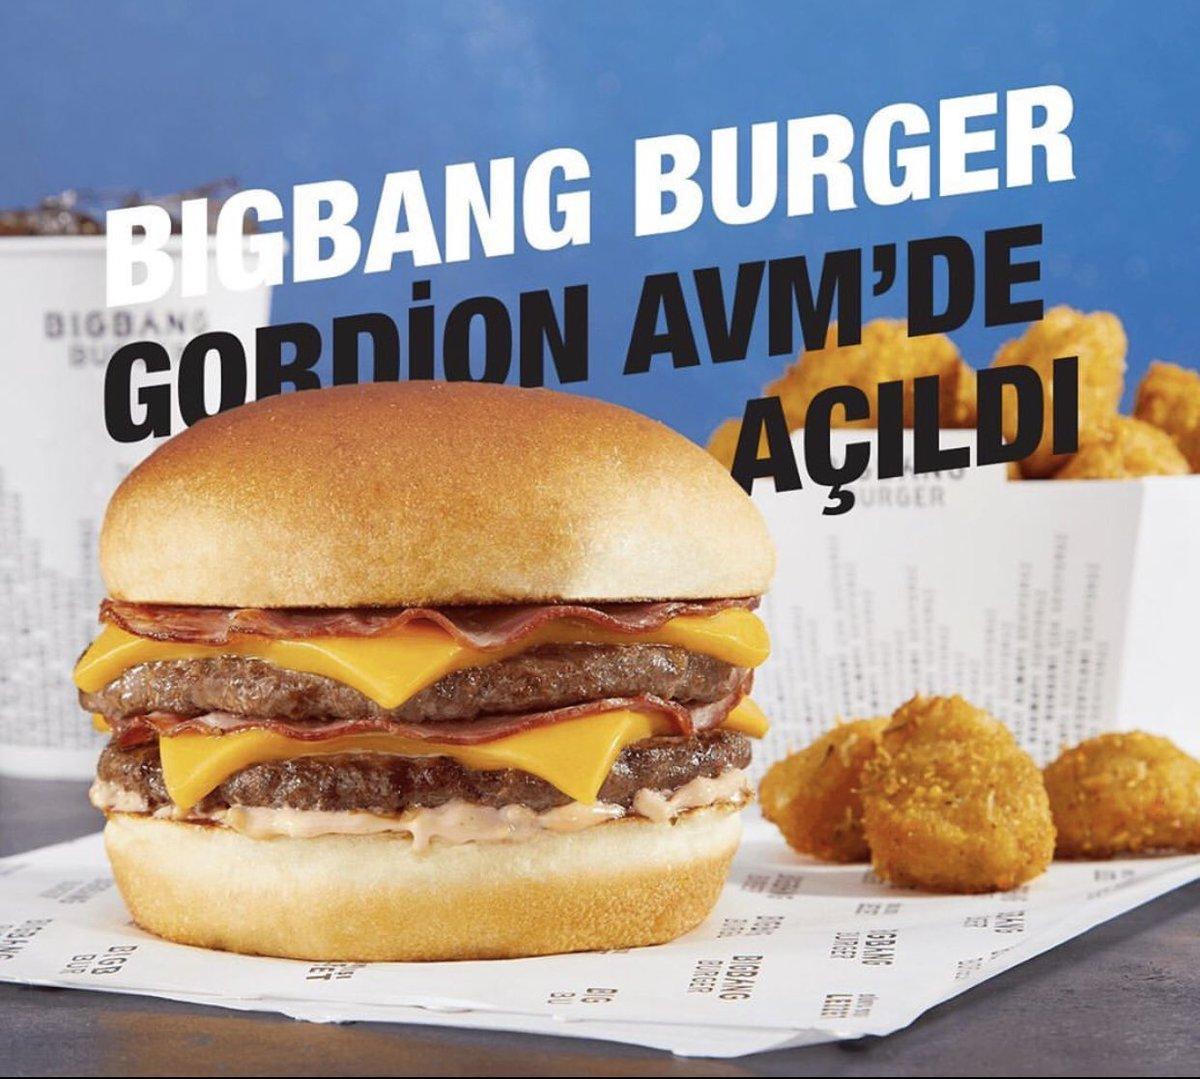 En lezzetli hamburgerlerin adresi Big Bang Burger Gordion Avm'de!🍔 #gordionlife #gordiongibisiyok https://t.co/Og5aBuKLtJ